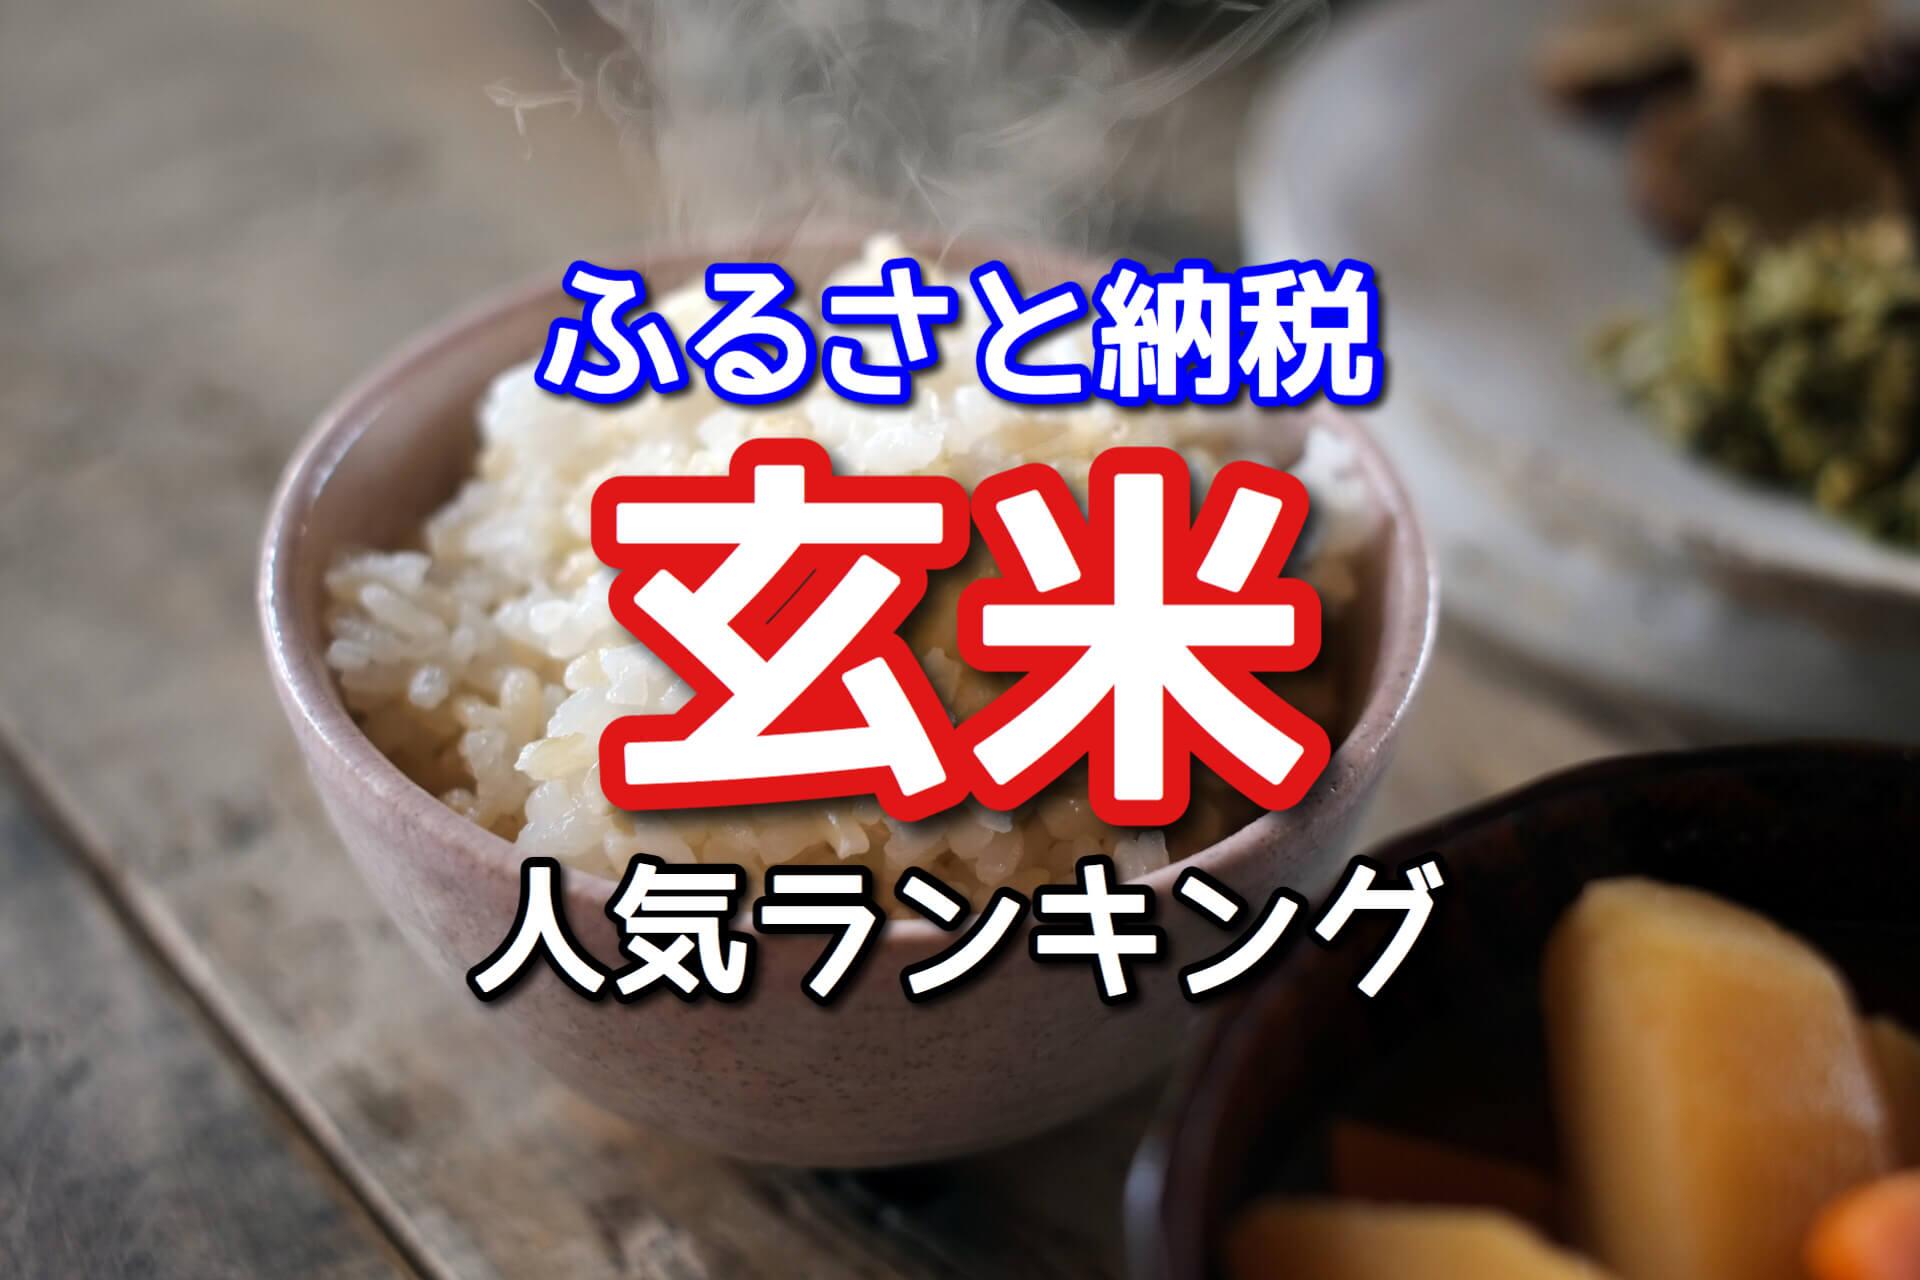 ふるさと納税玄米おすすめ20選!人気玄米ランキング【2018】